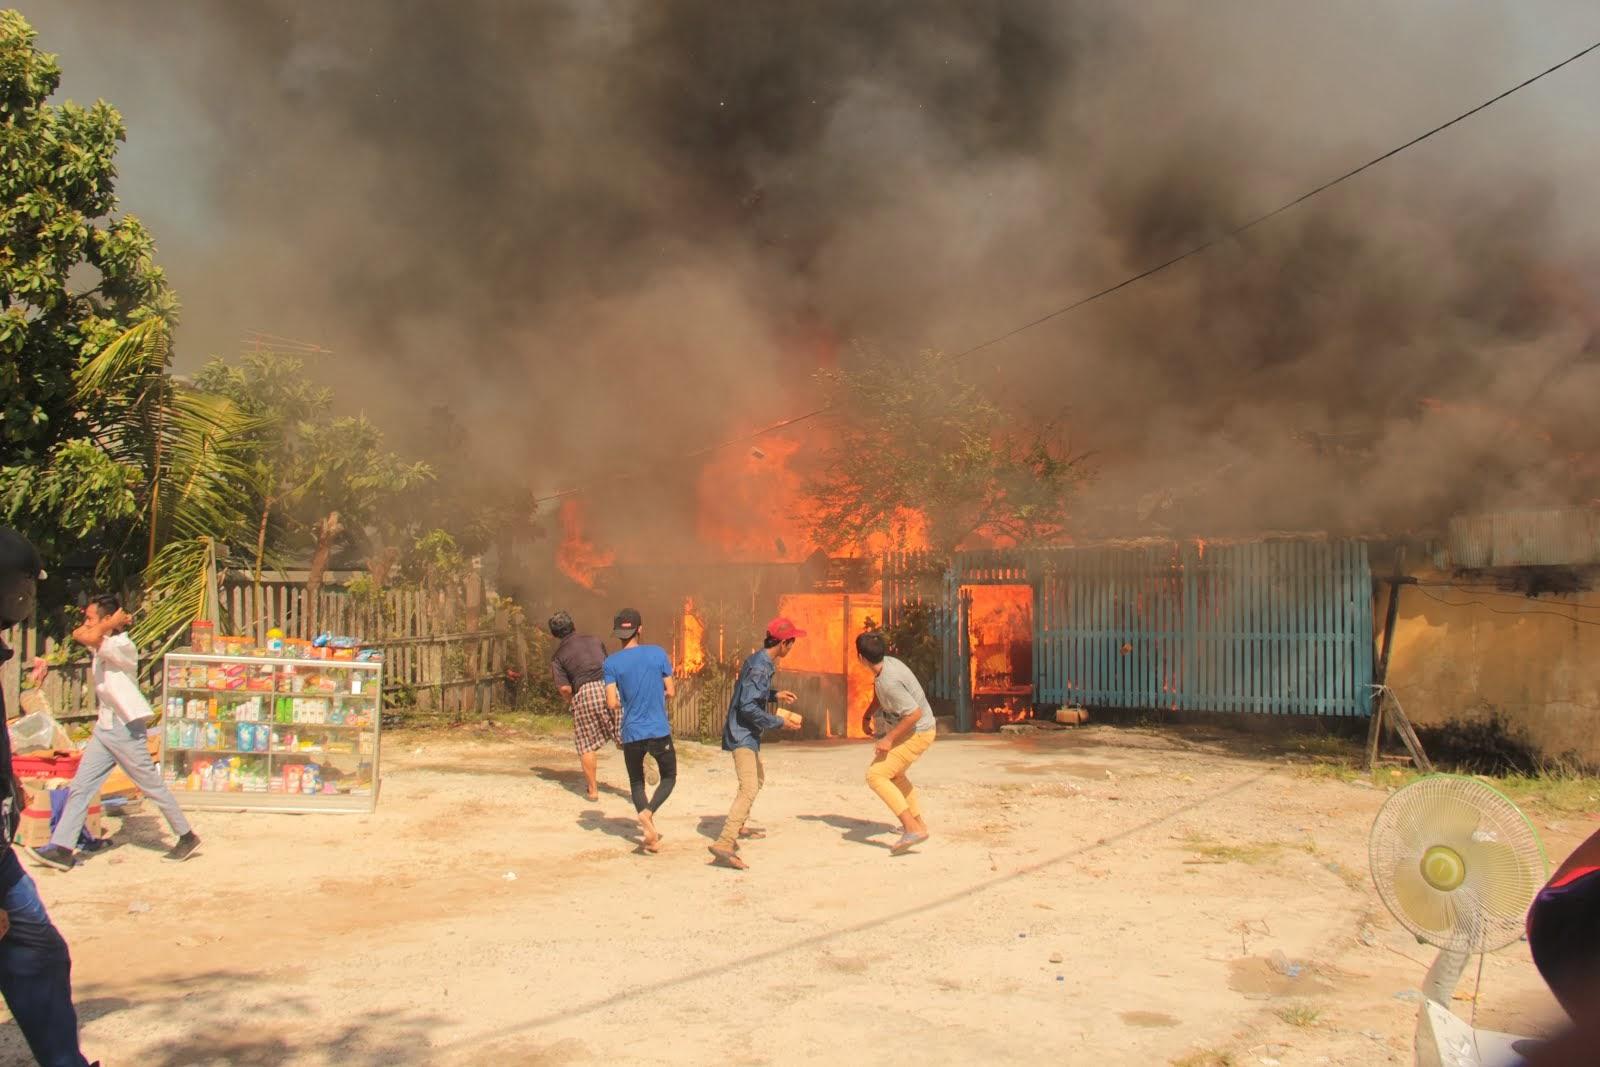 Kebakaran di Gunung Sari Balikpapan